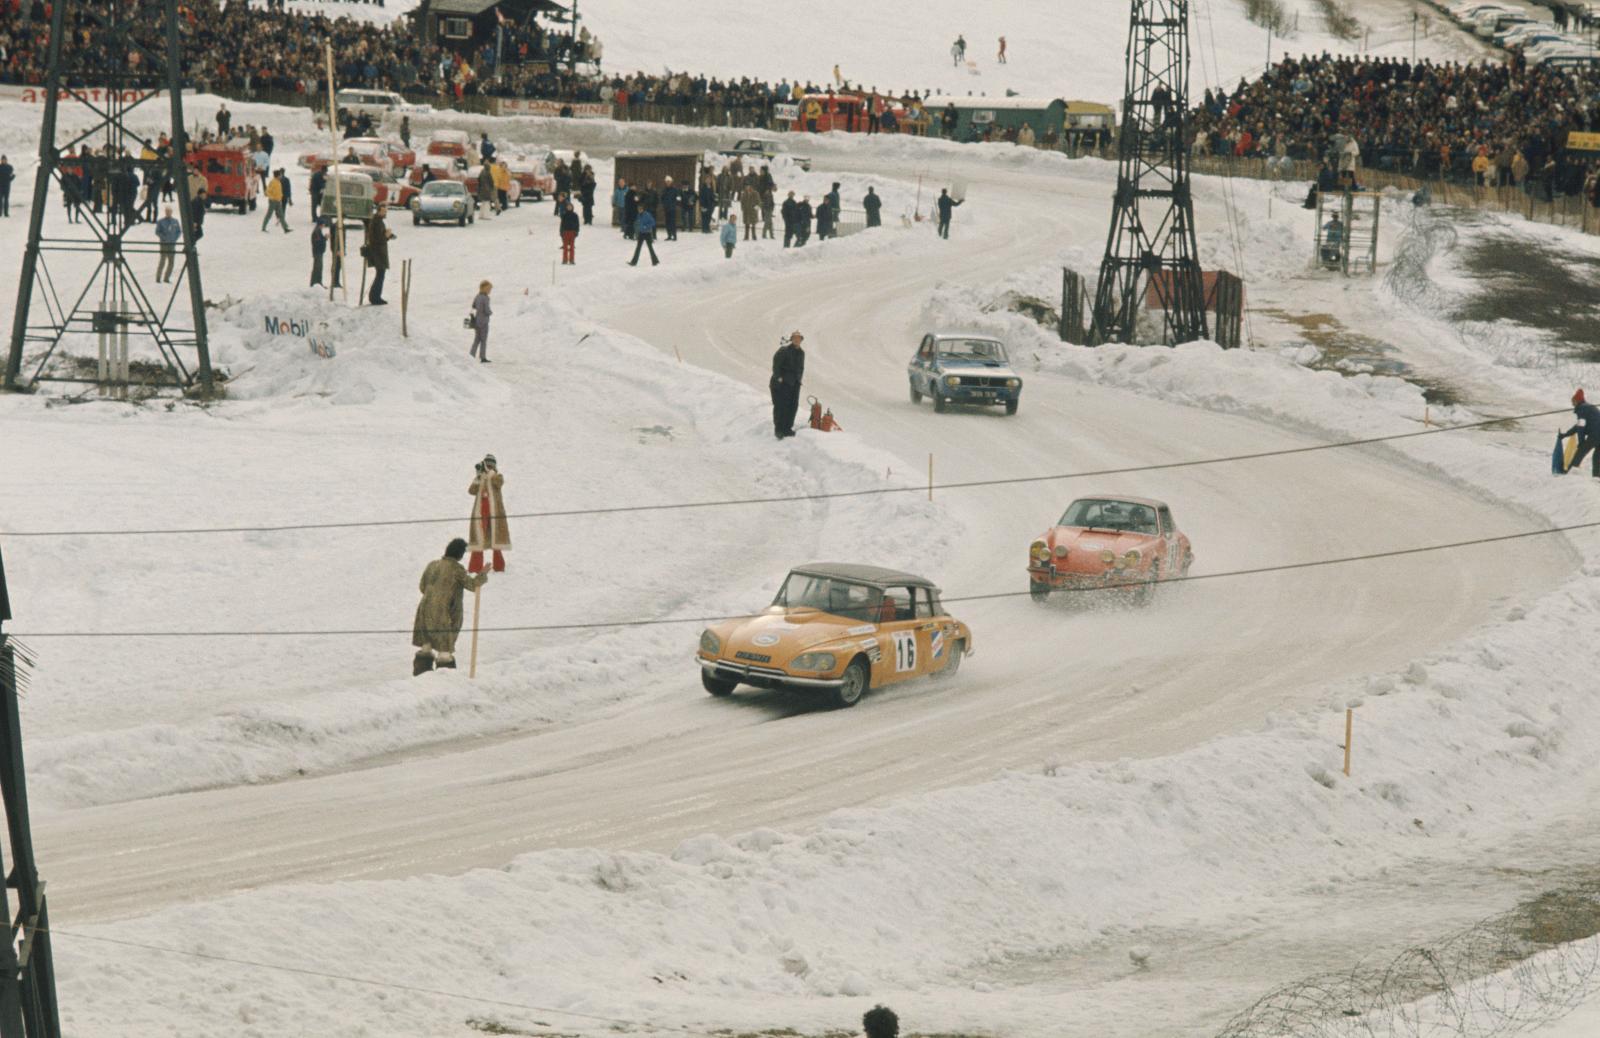 シャモニー冬季氷上ラウンドレース - DS 21 - 1972年